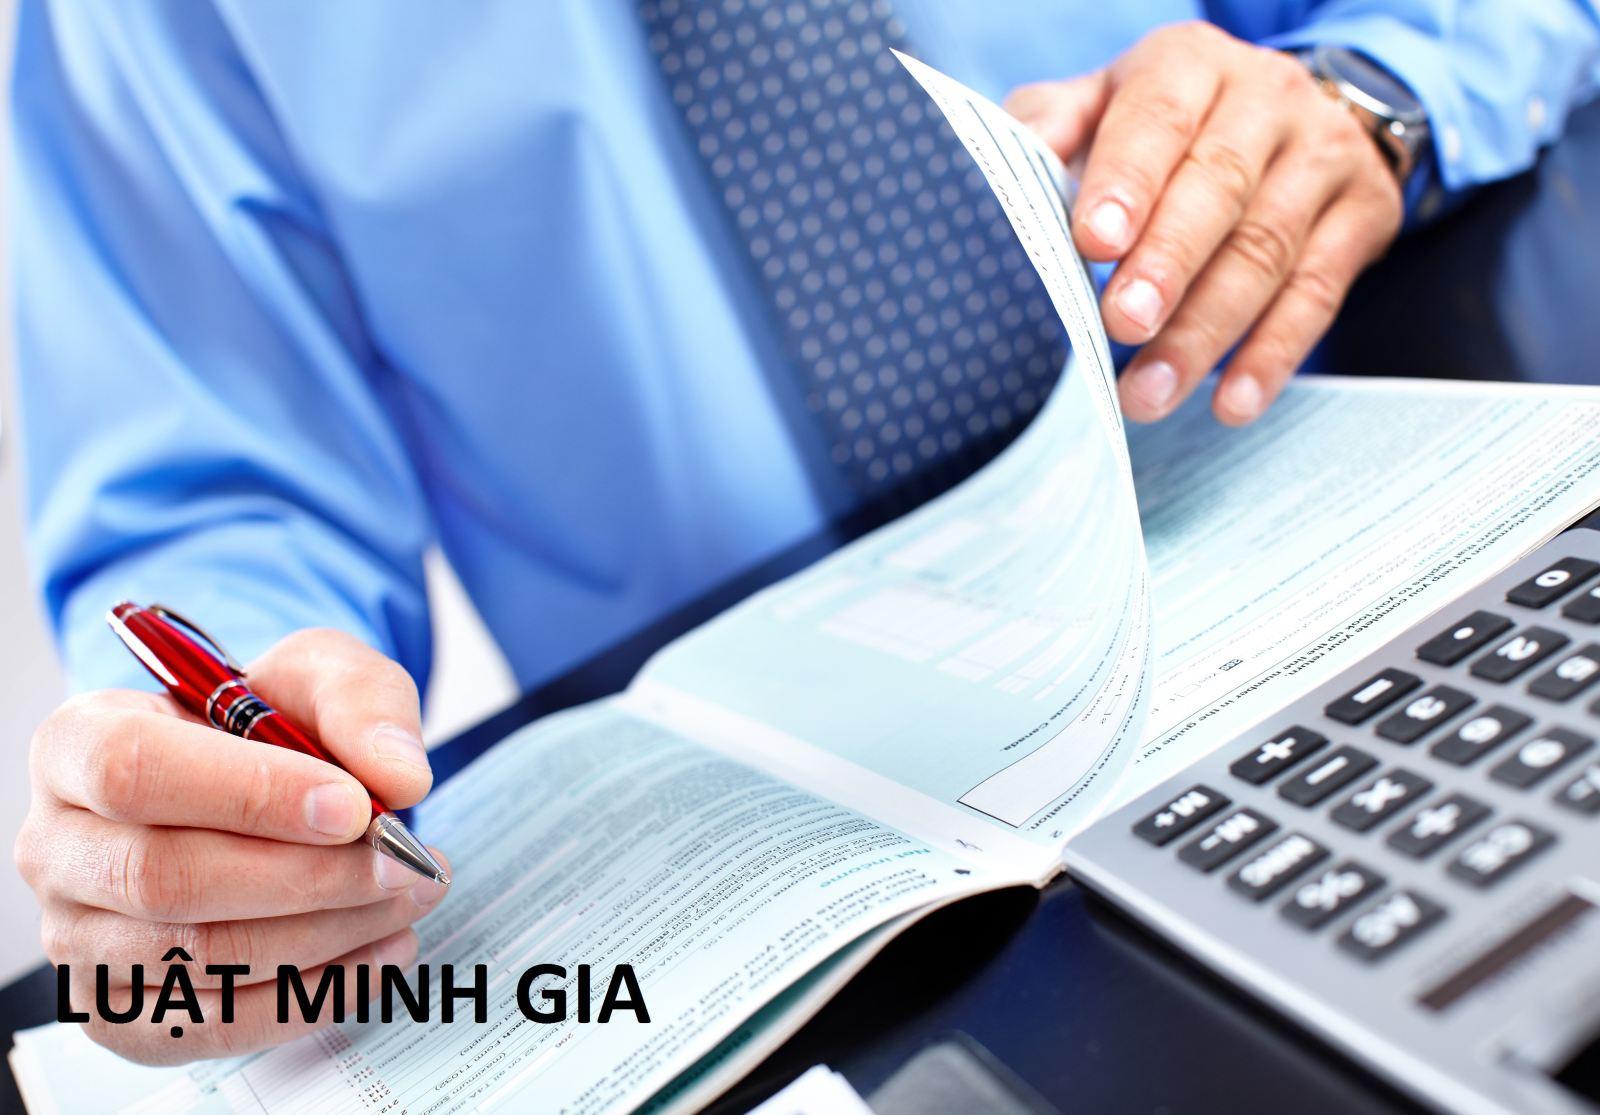 Quy định về chào bán cổ phần của cổ đông chưa thanh toán đủ số cổ phần đăng ký mua?